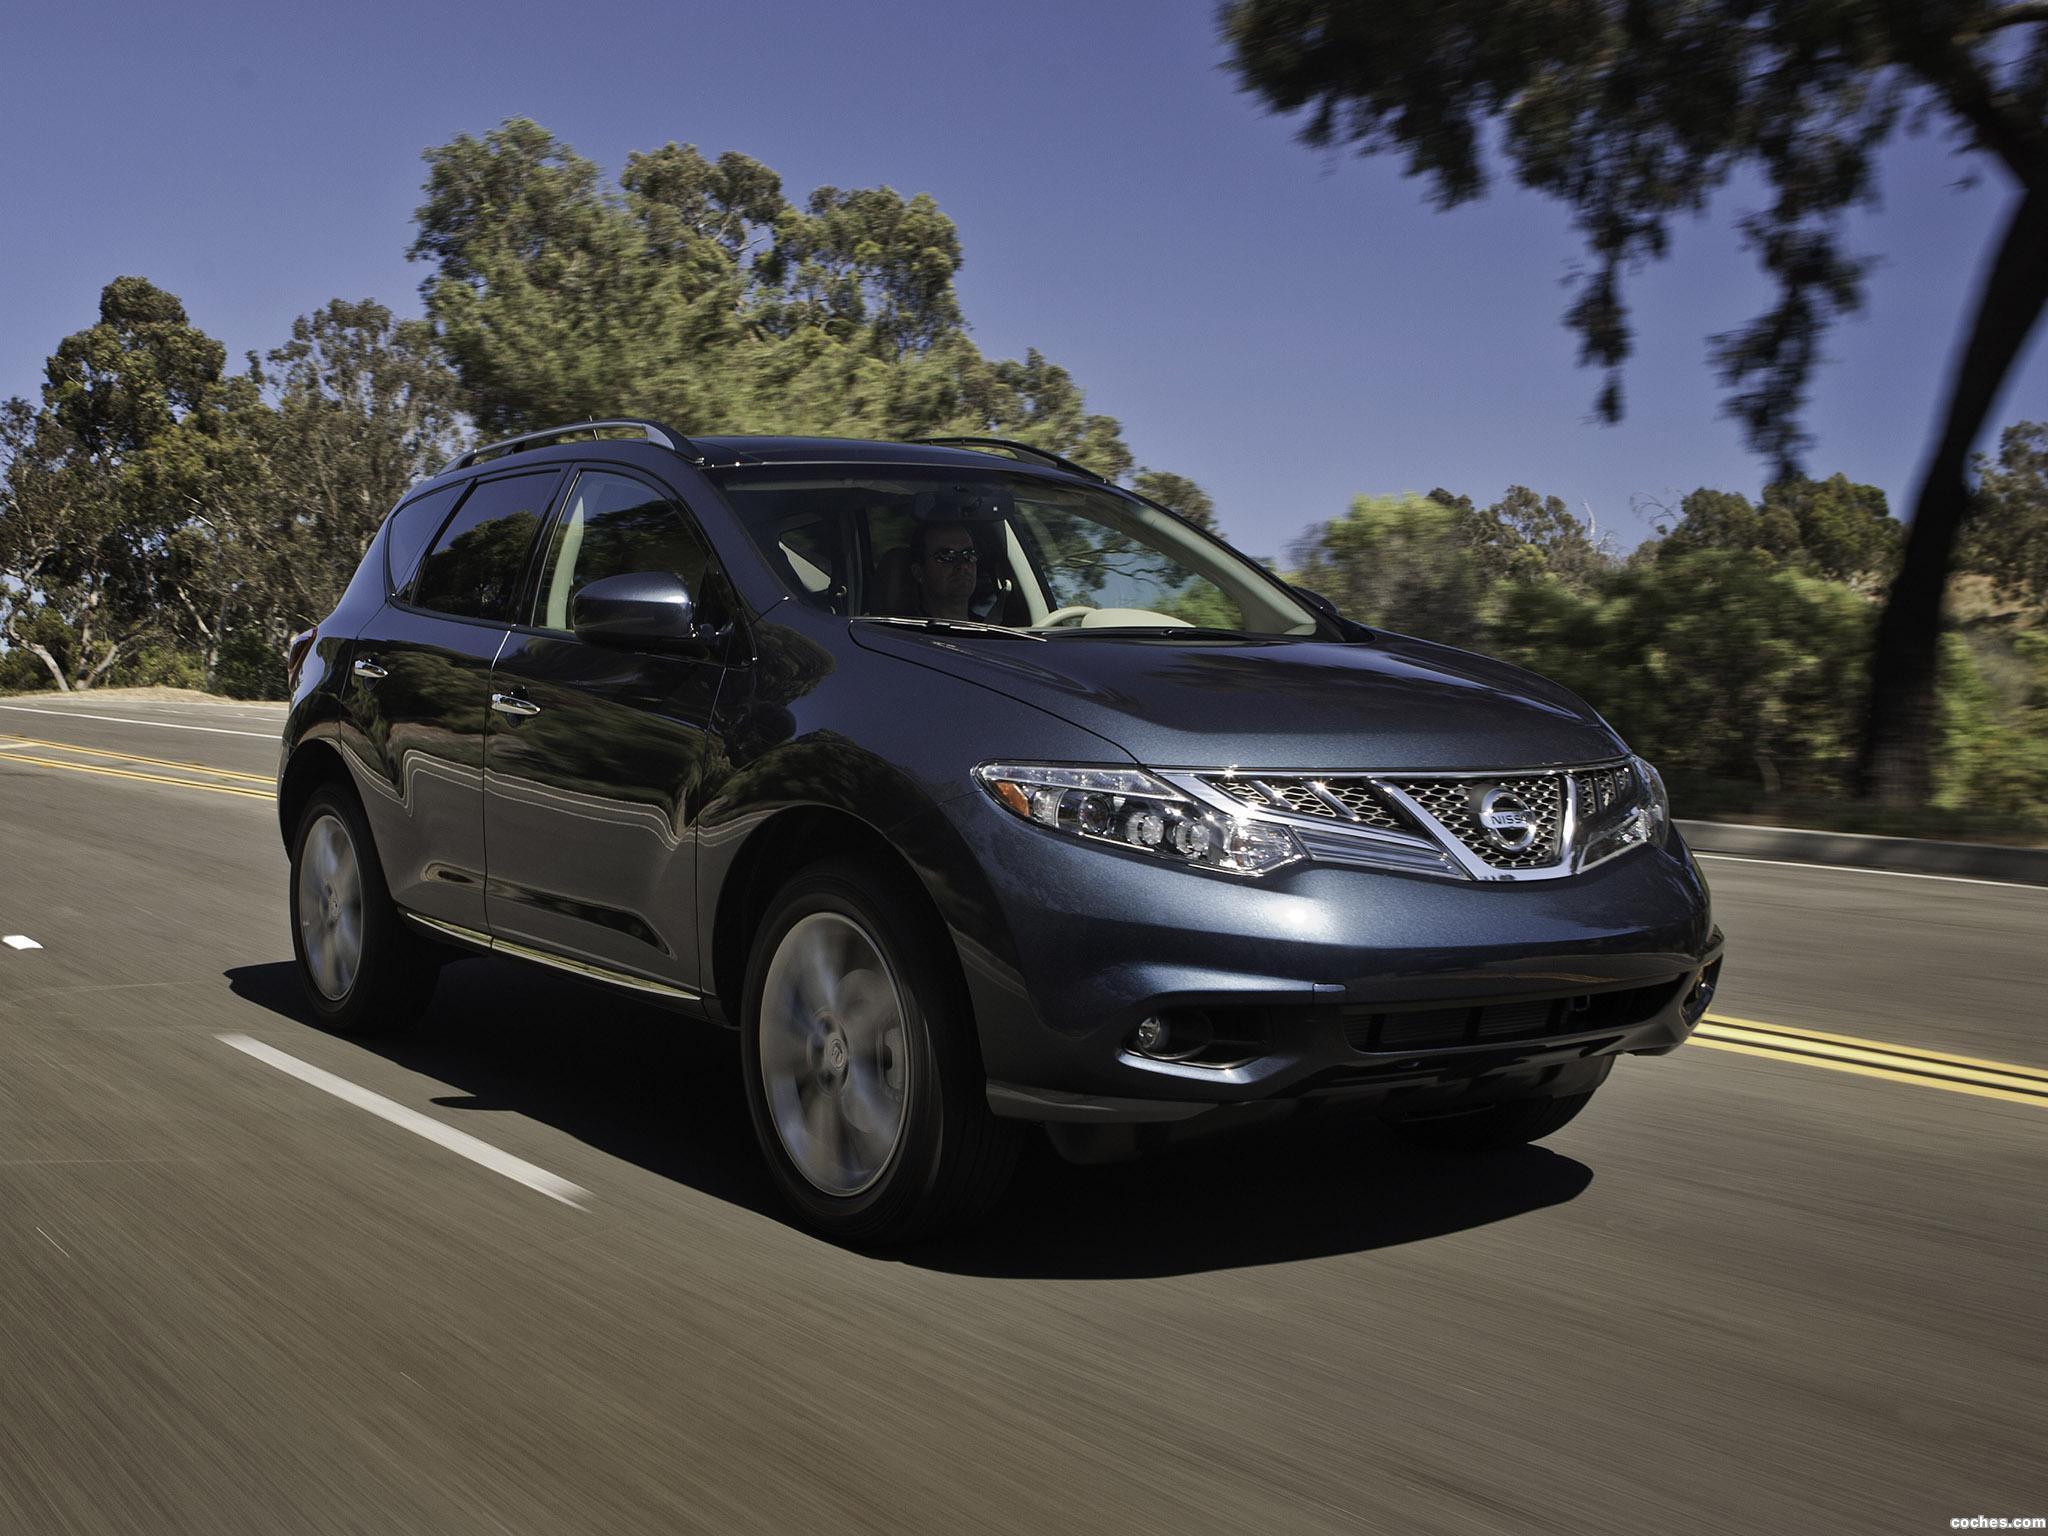 Foto 2 de Nissan Murano USA 2010